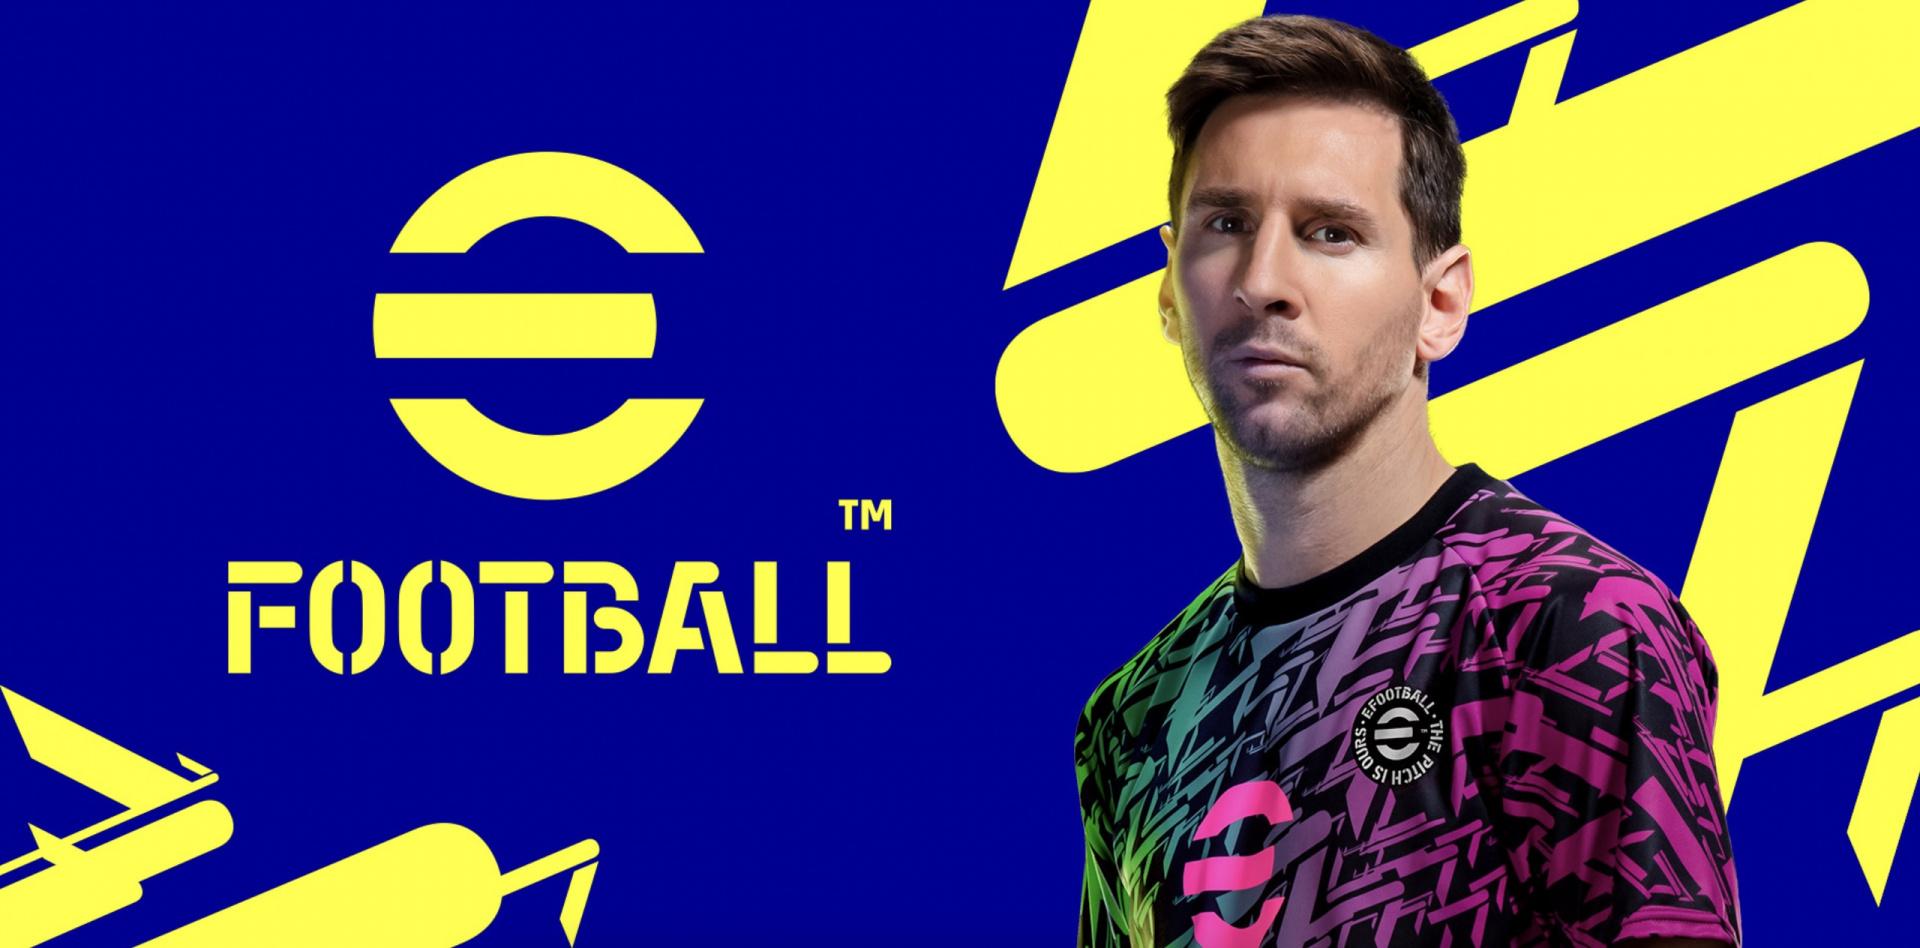 PES переименовали в eFootball и сделали полностью условно-бесплатной — детали